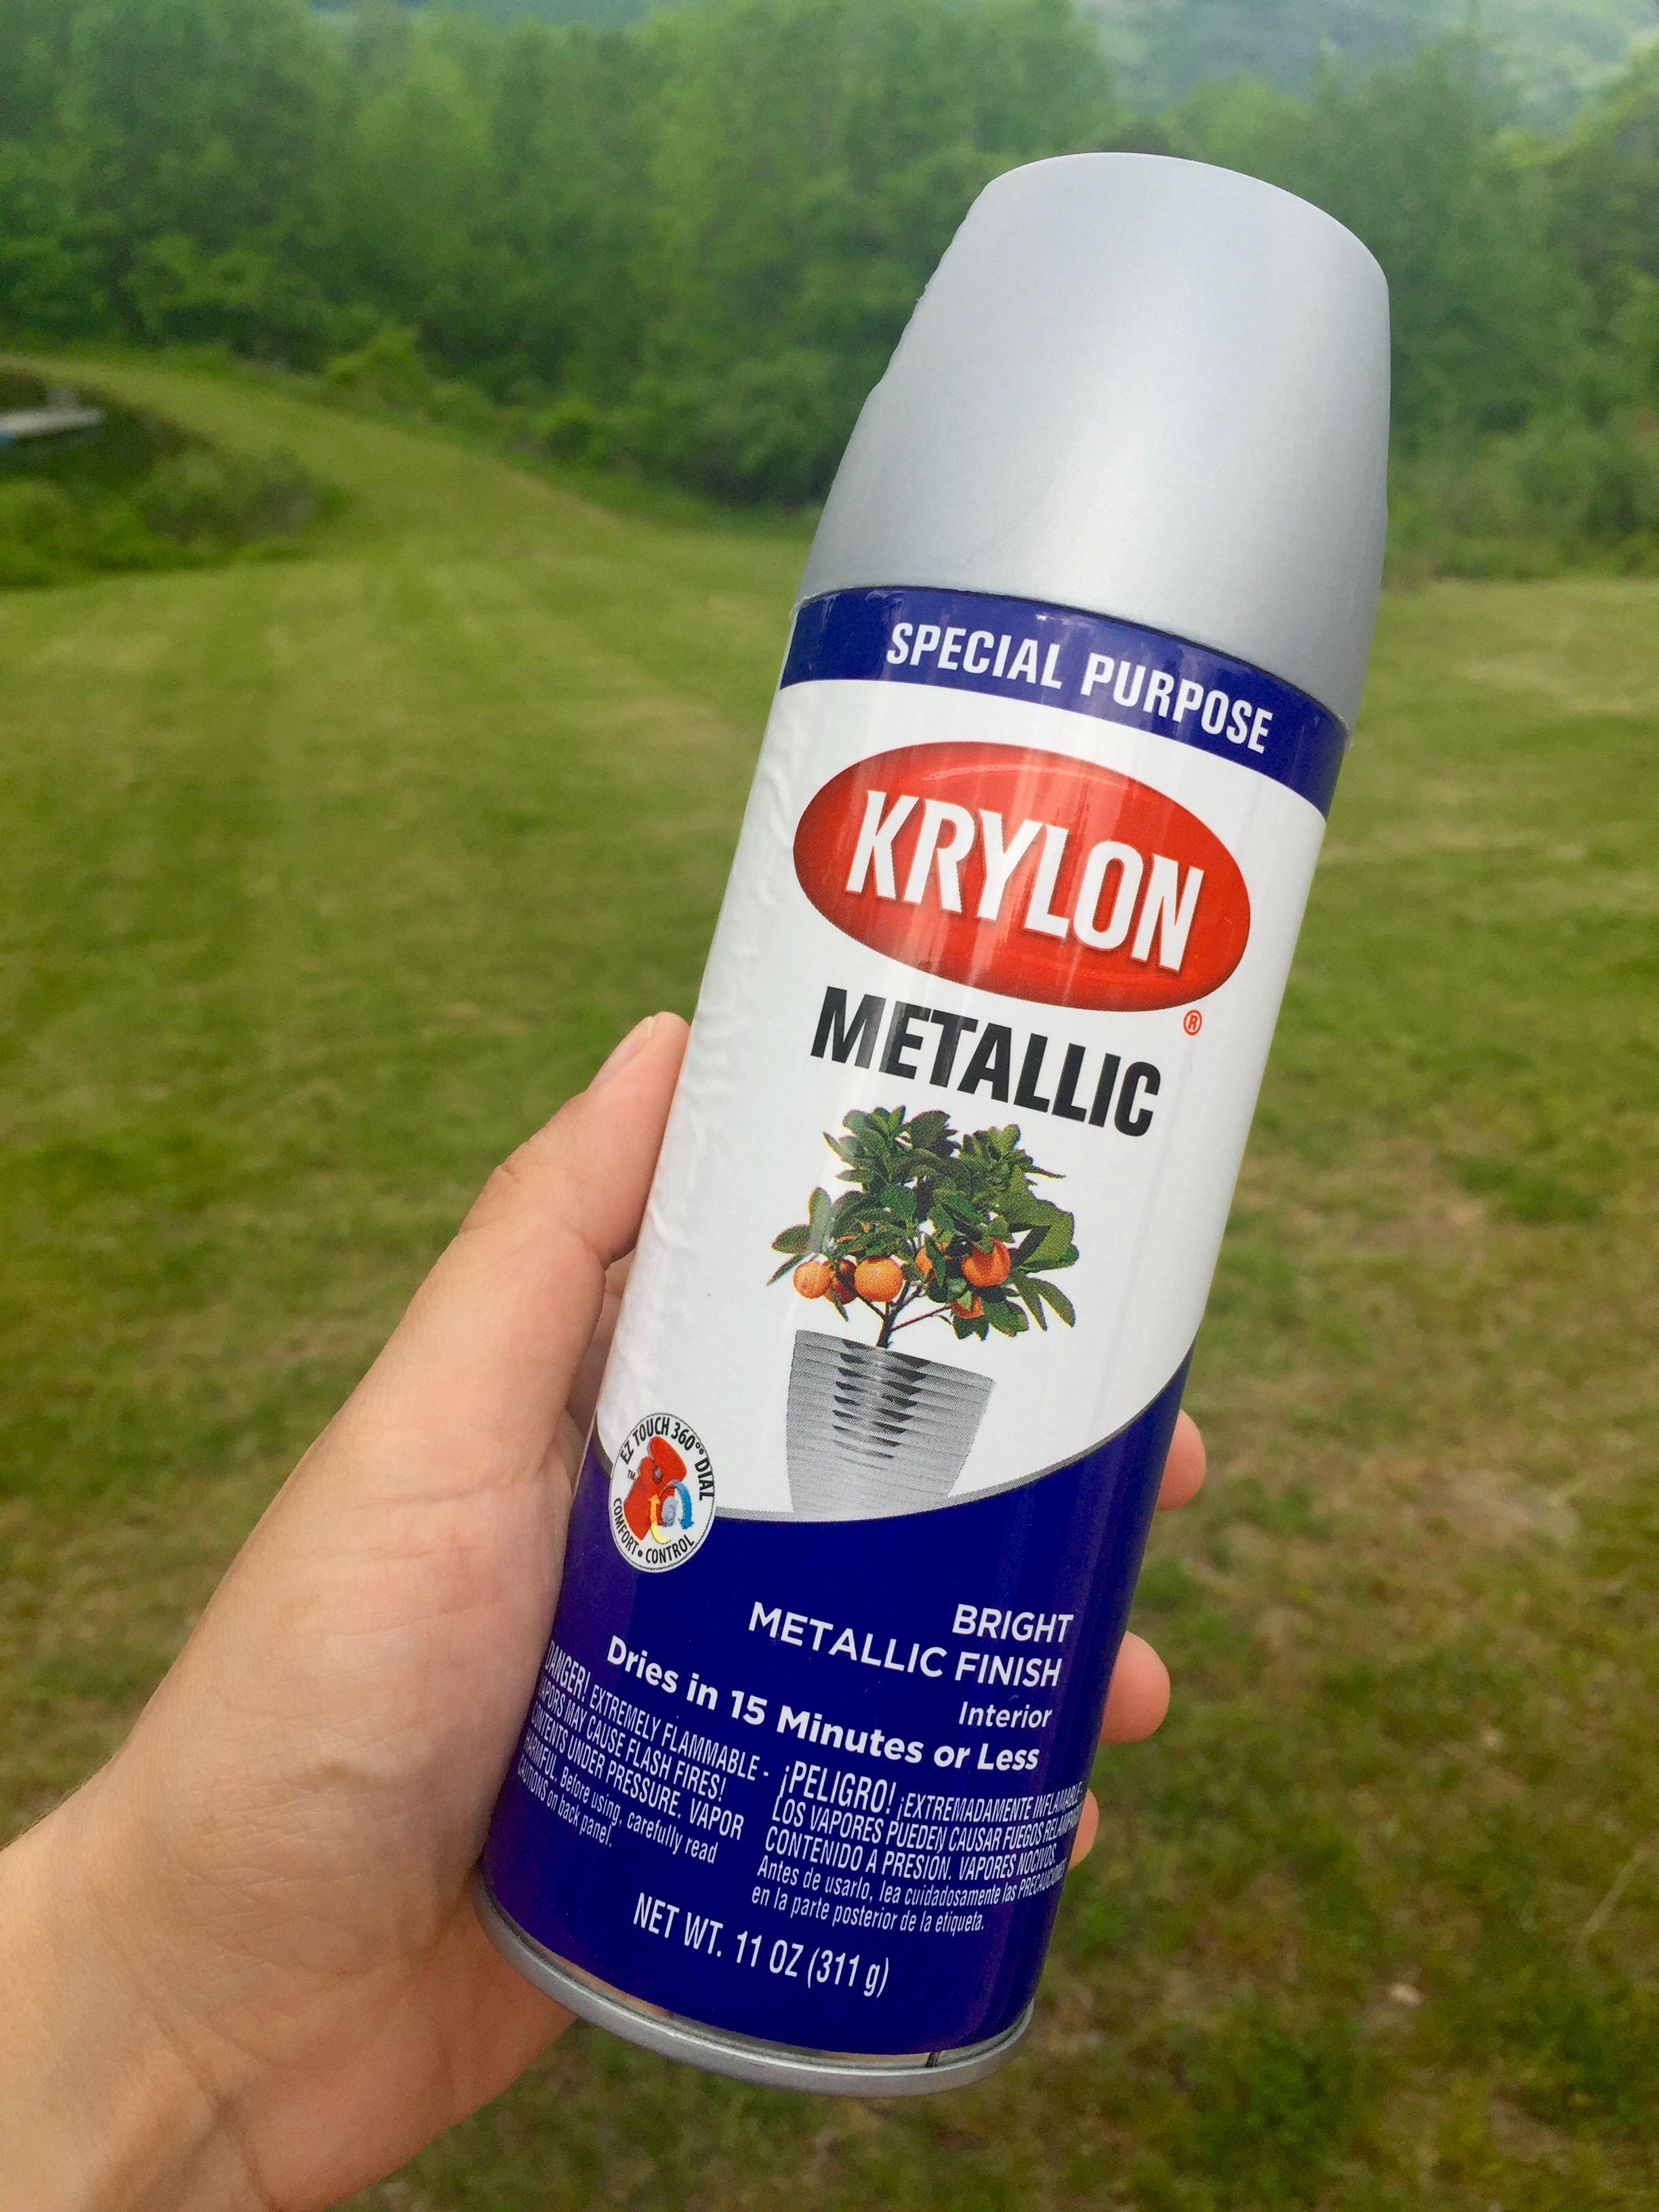 Krylon Metallic spray paint